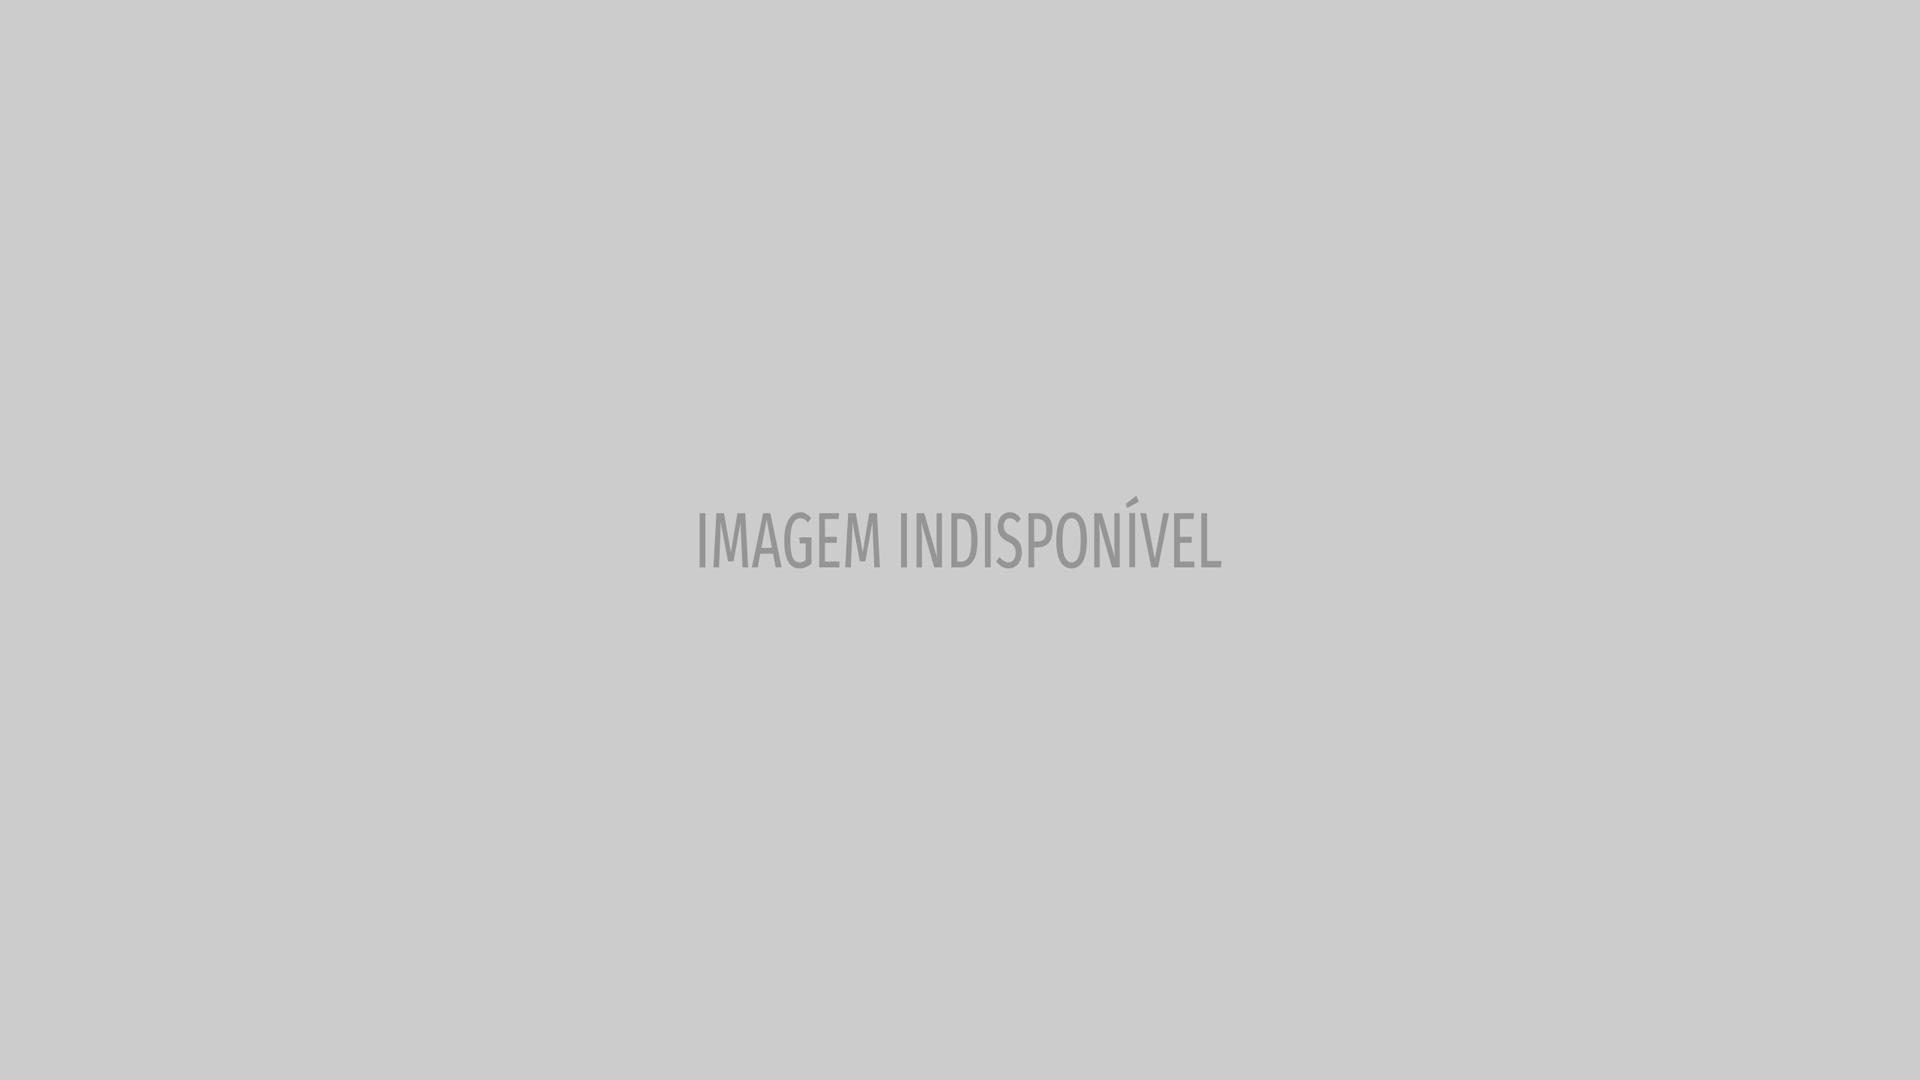 Autodestruição de quadro de Banksy inspira GNR